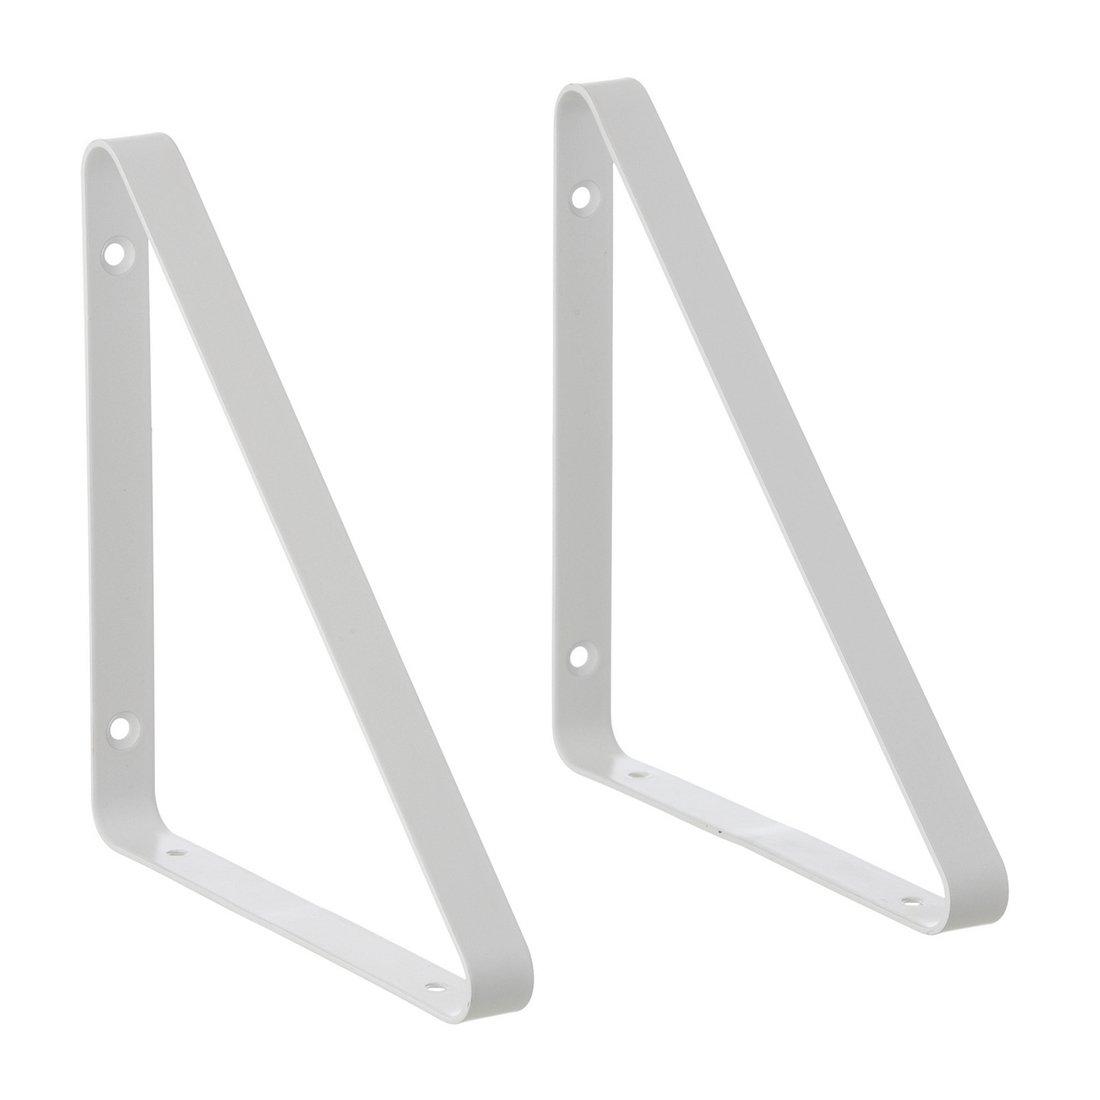 Metal Shelf Hangers Wit - Ferm Living